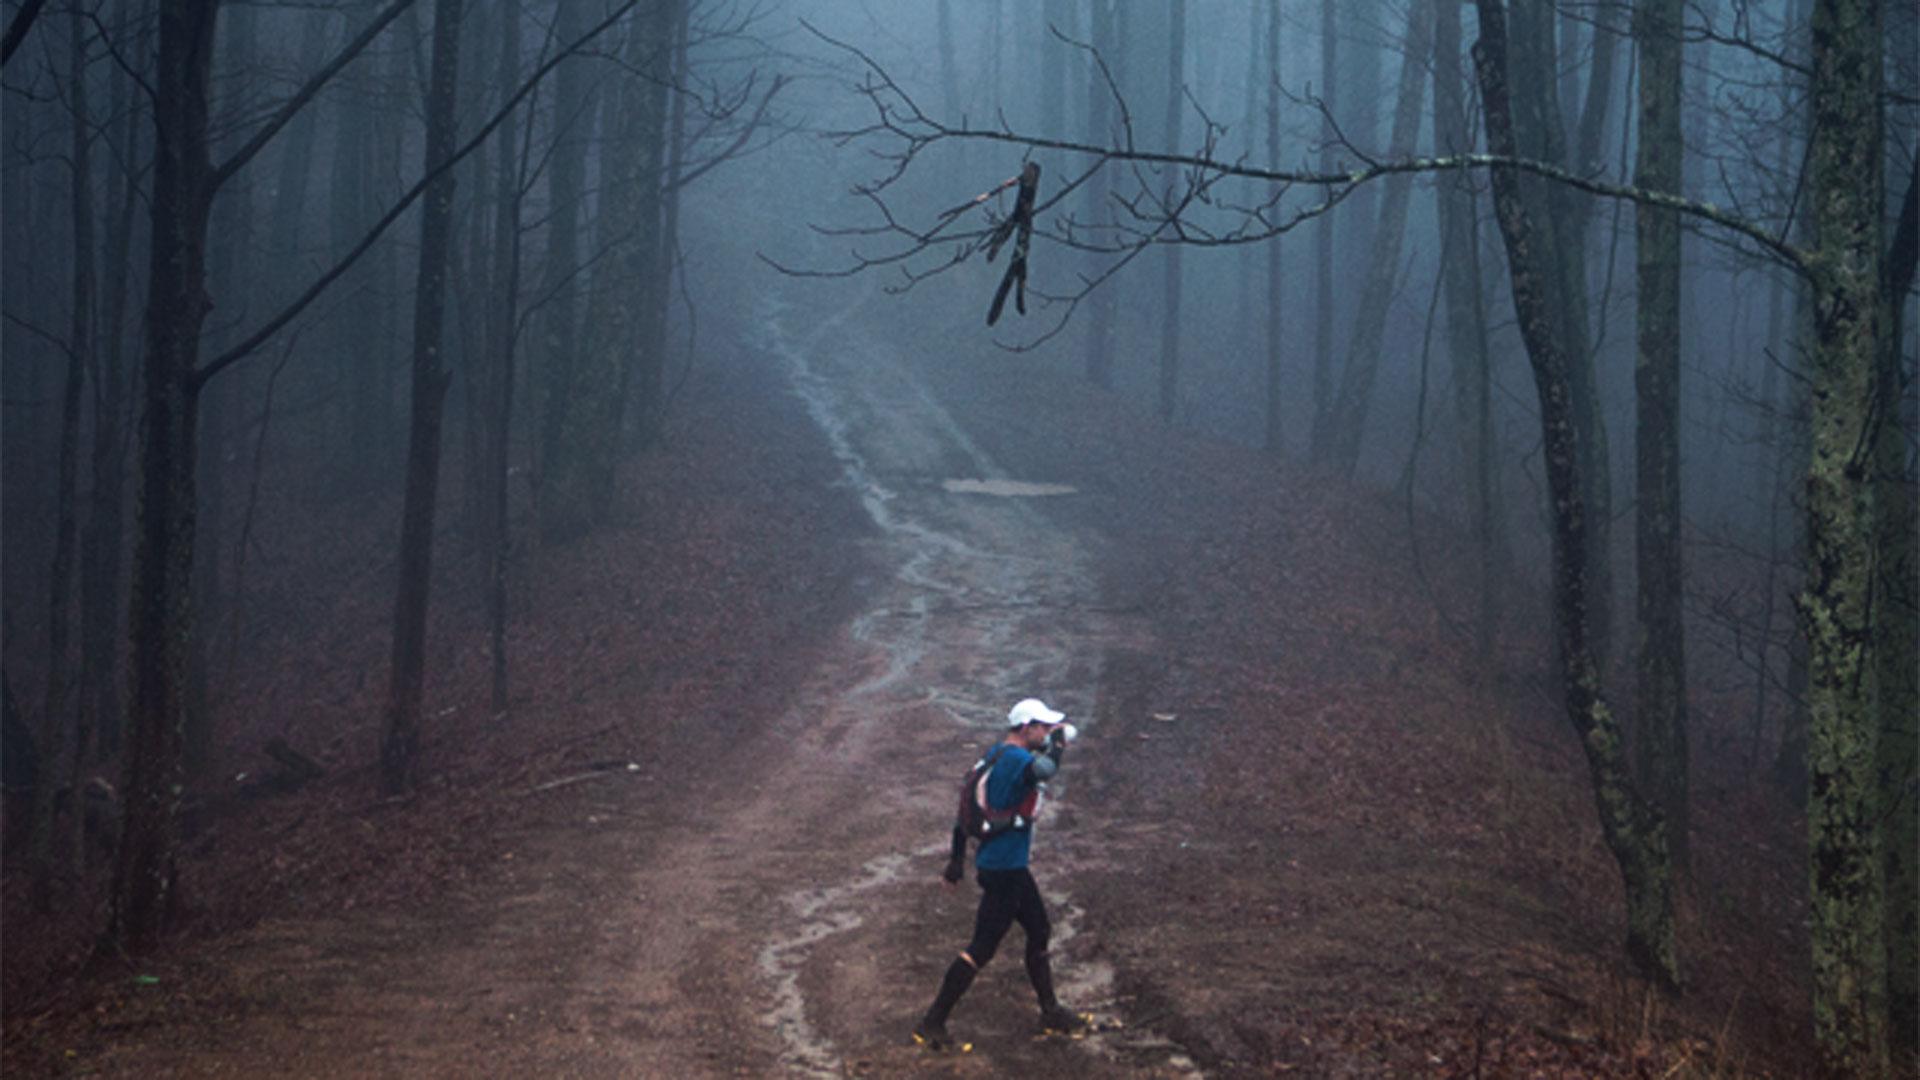 Calor extremo, niebla densa, lluvia, inundaciones o hasta nieve decoraron la carrera desde su primera vez en 1986 (Cary Norton)